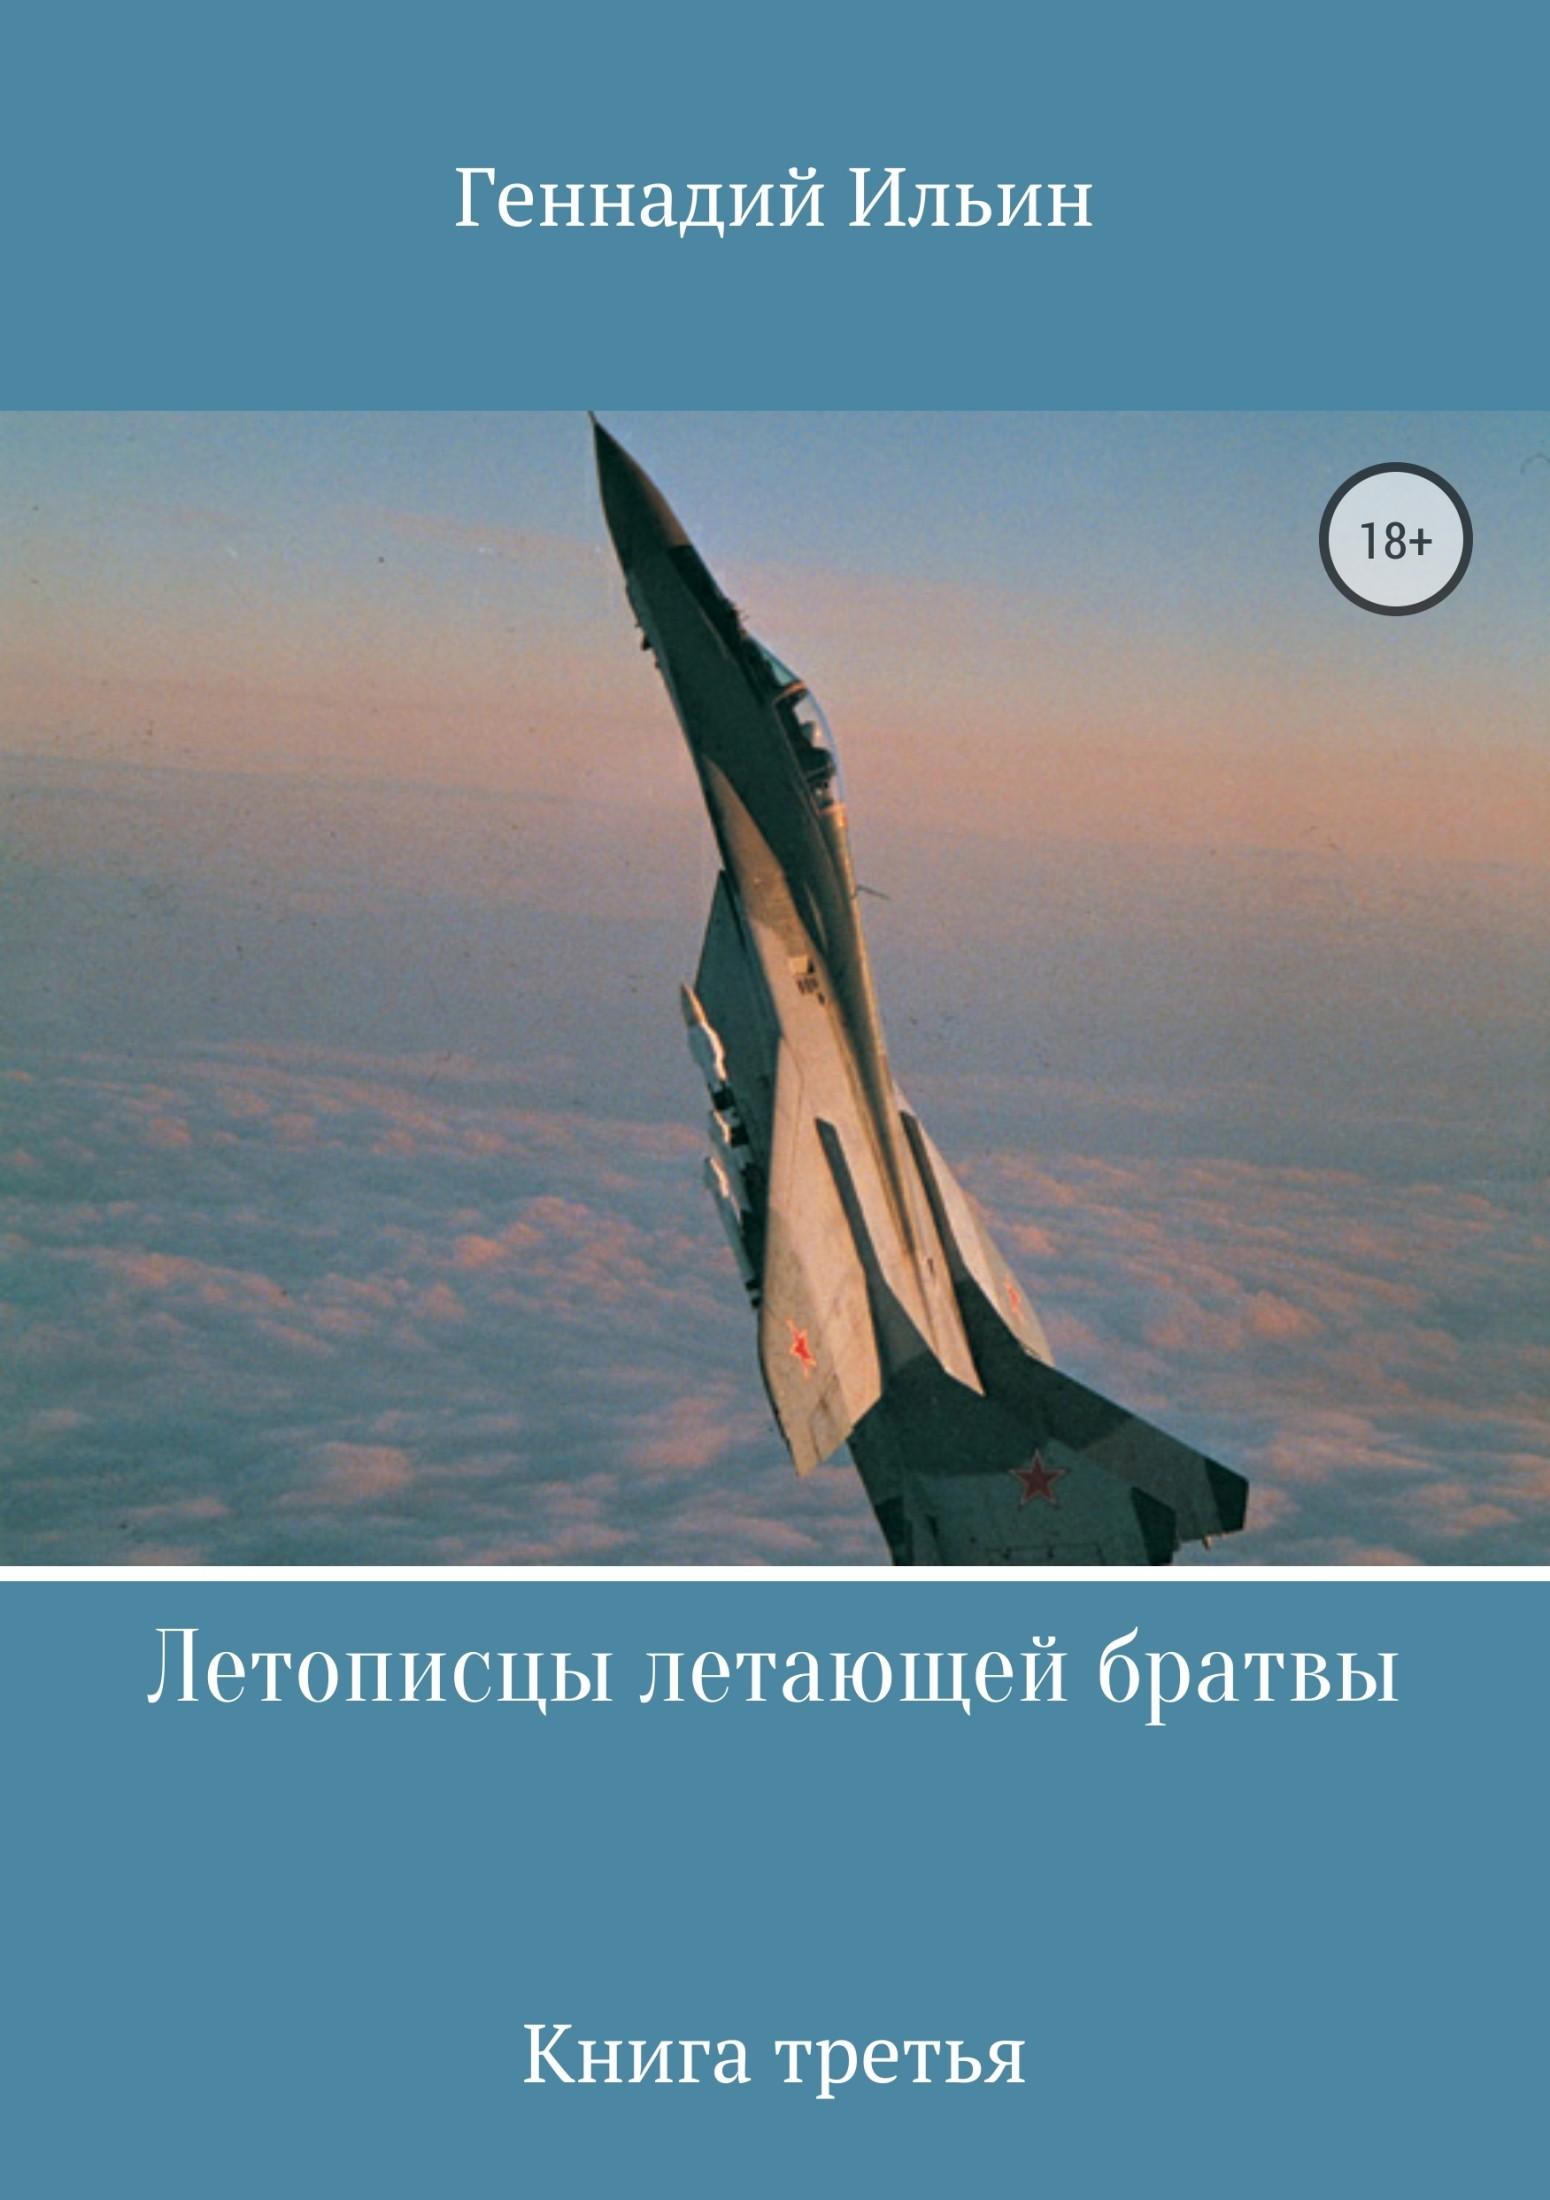 Геннадий Ильин - Летописцы летающей братвы. Книга третья